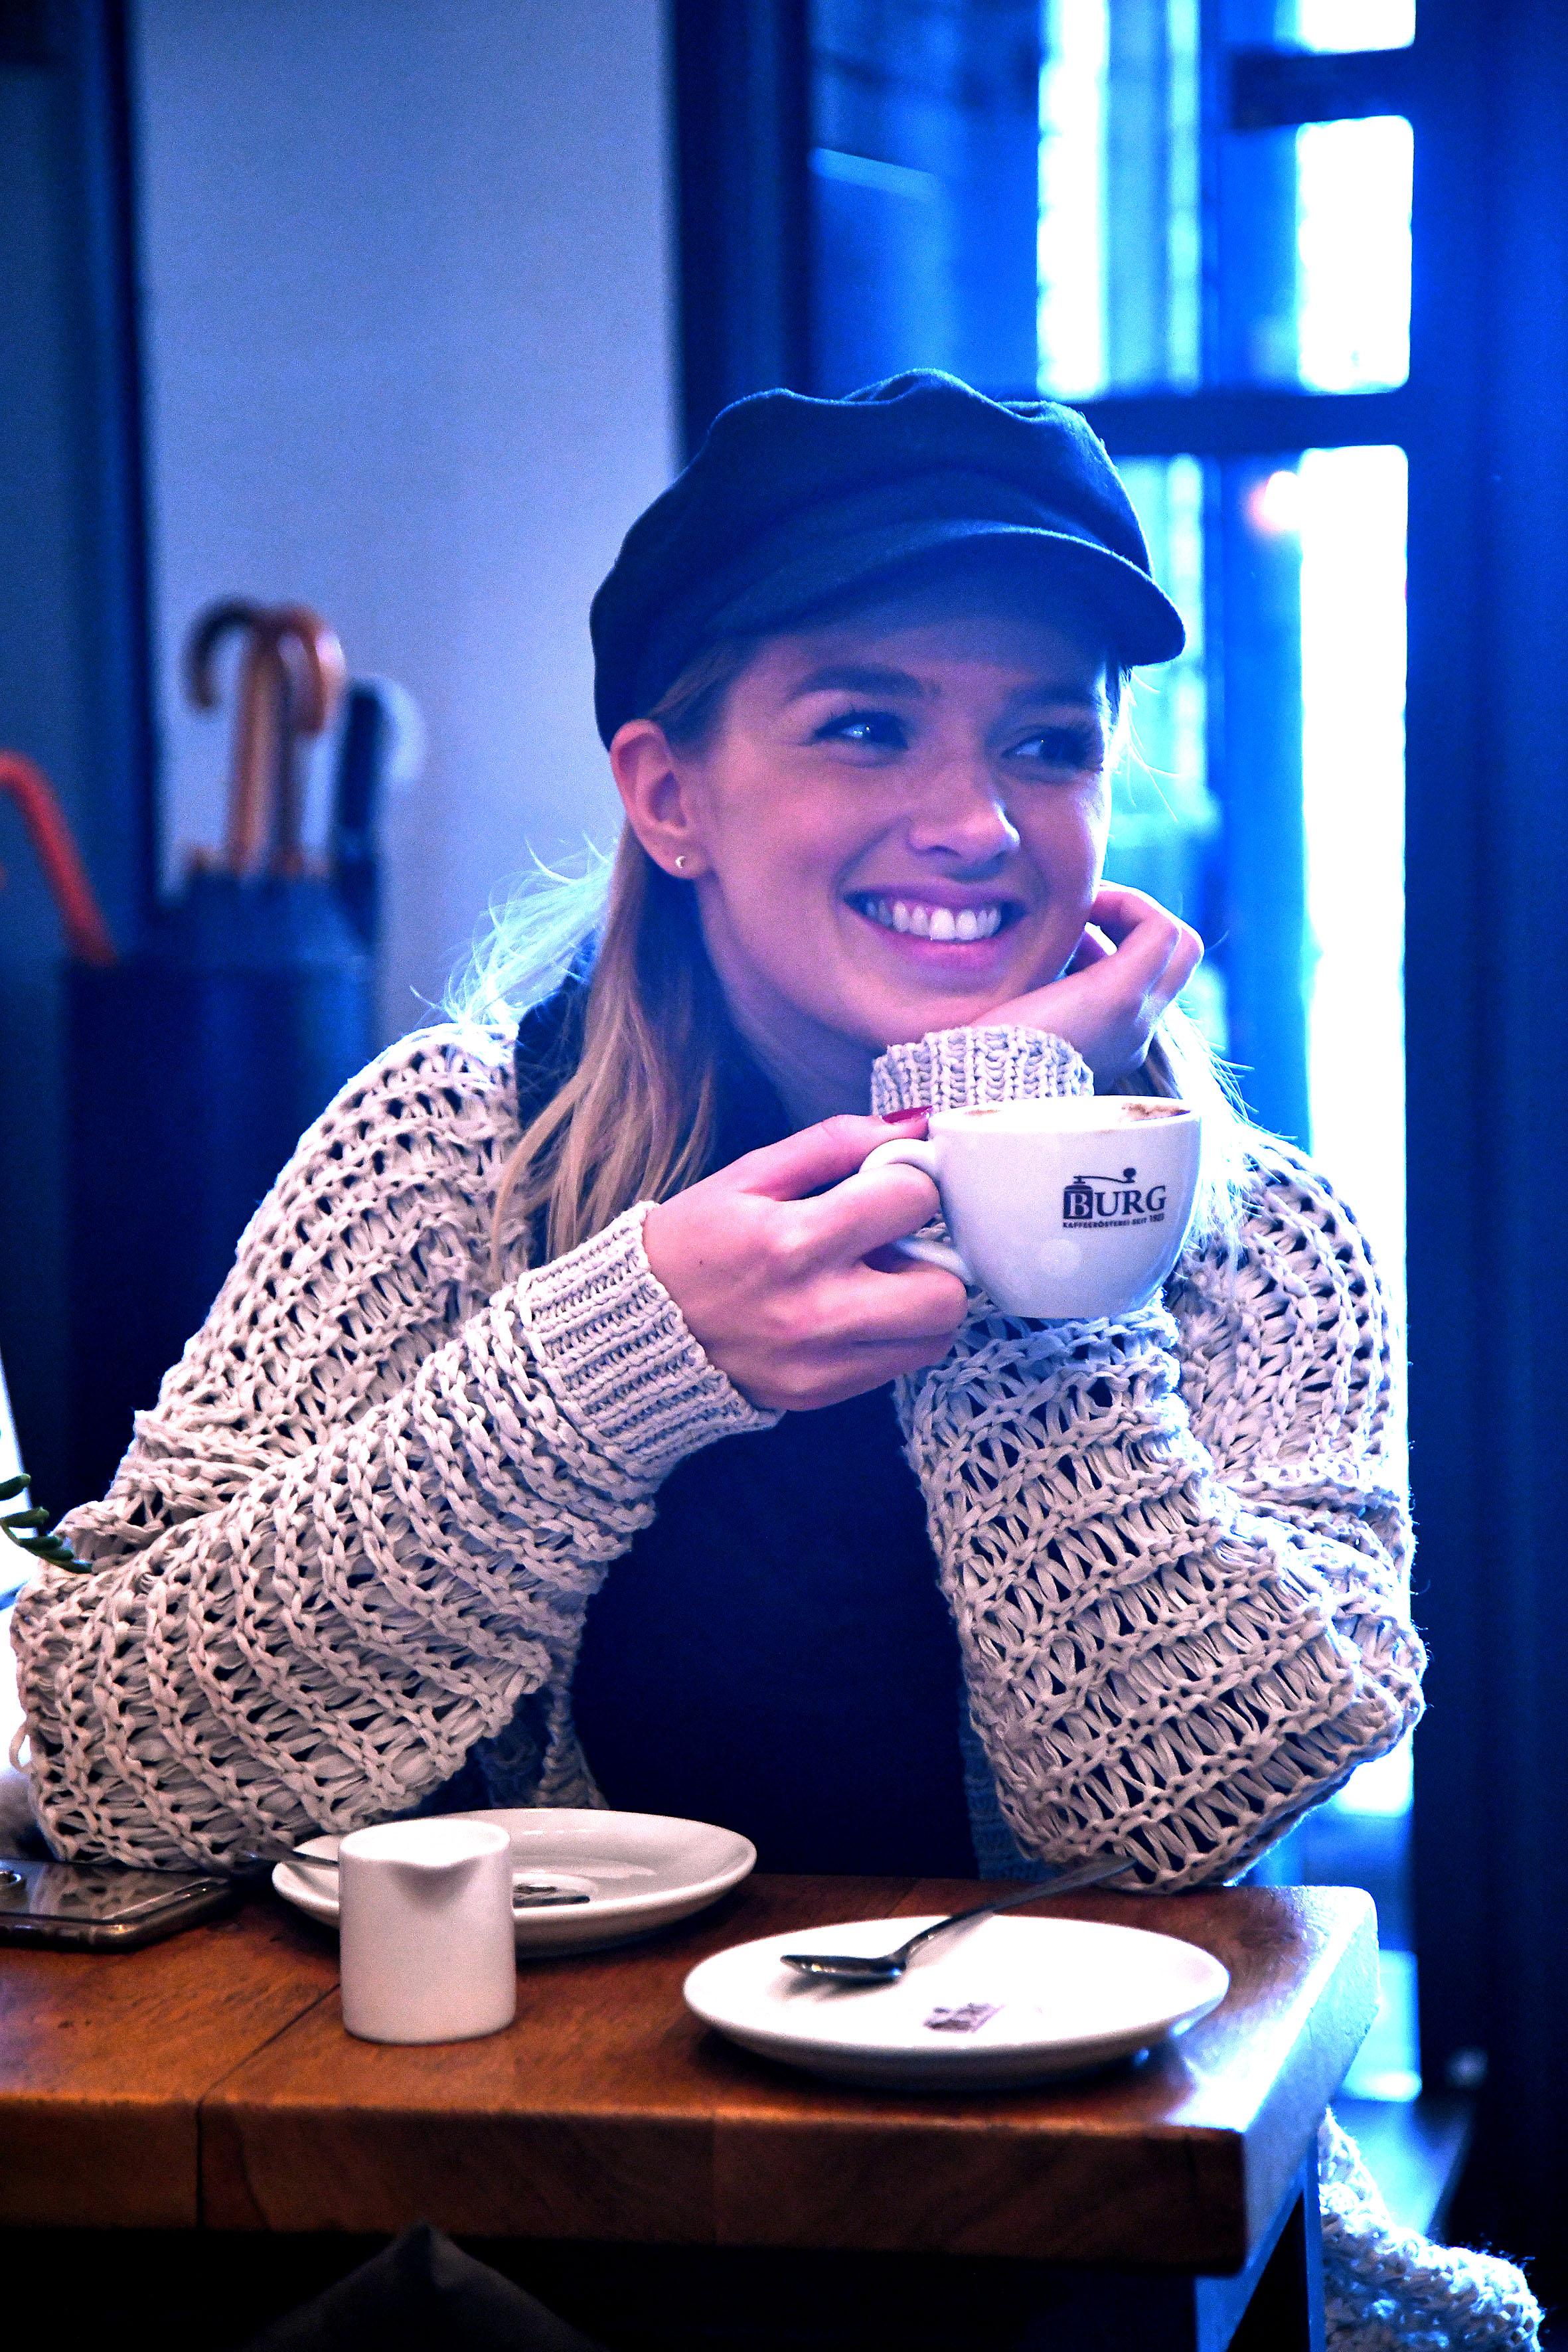 Foto: Michael B. Rehders - Hat sich eine Kaffeepause verdient. Visagistin Christina von der Agentur Optix.